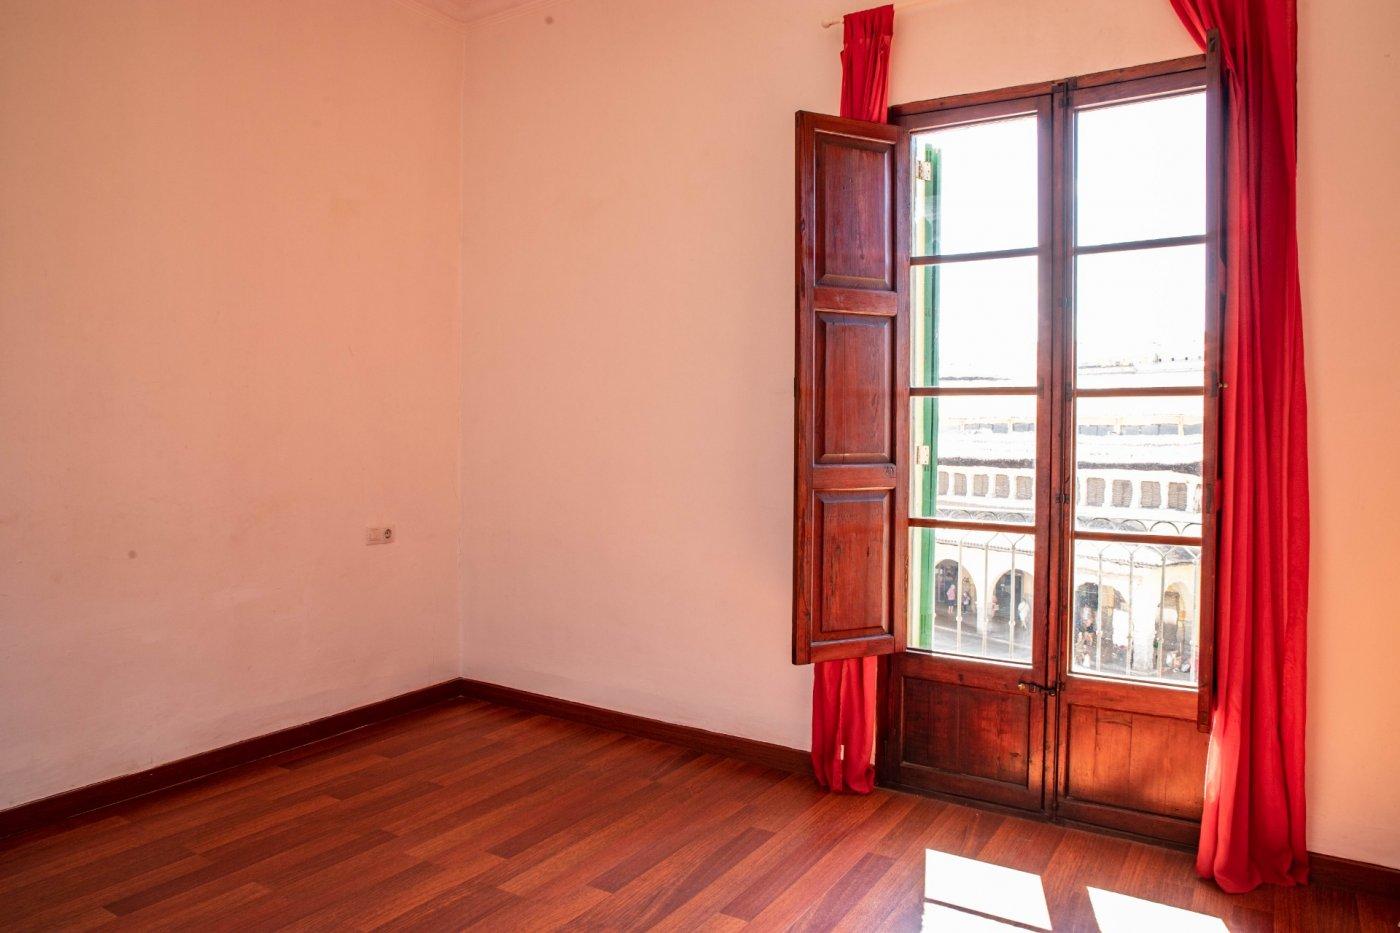 Precioso piso antiguo con mucho carácter en el centro de palma - imagenInmueble1